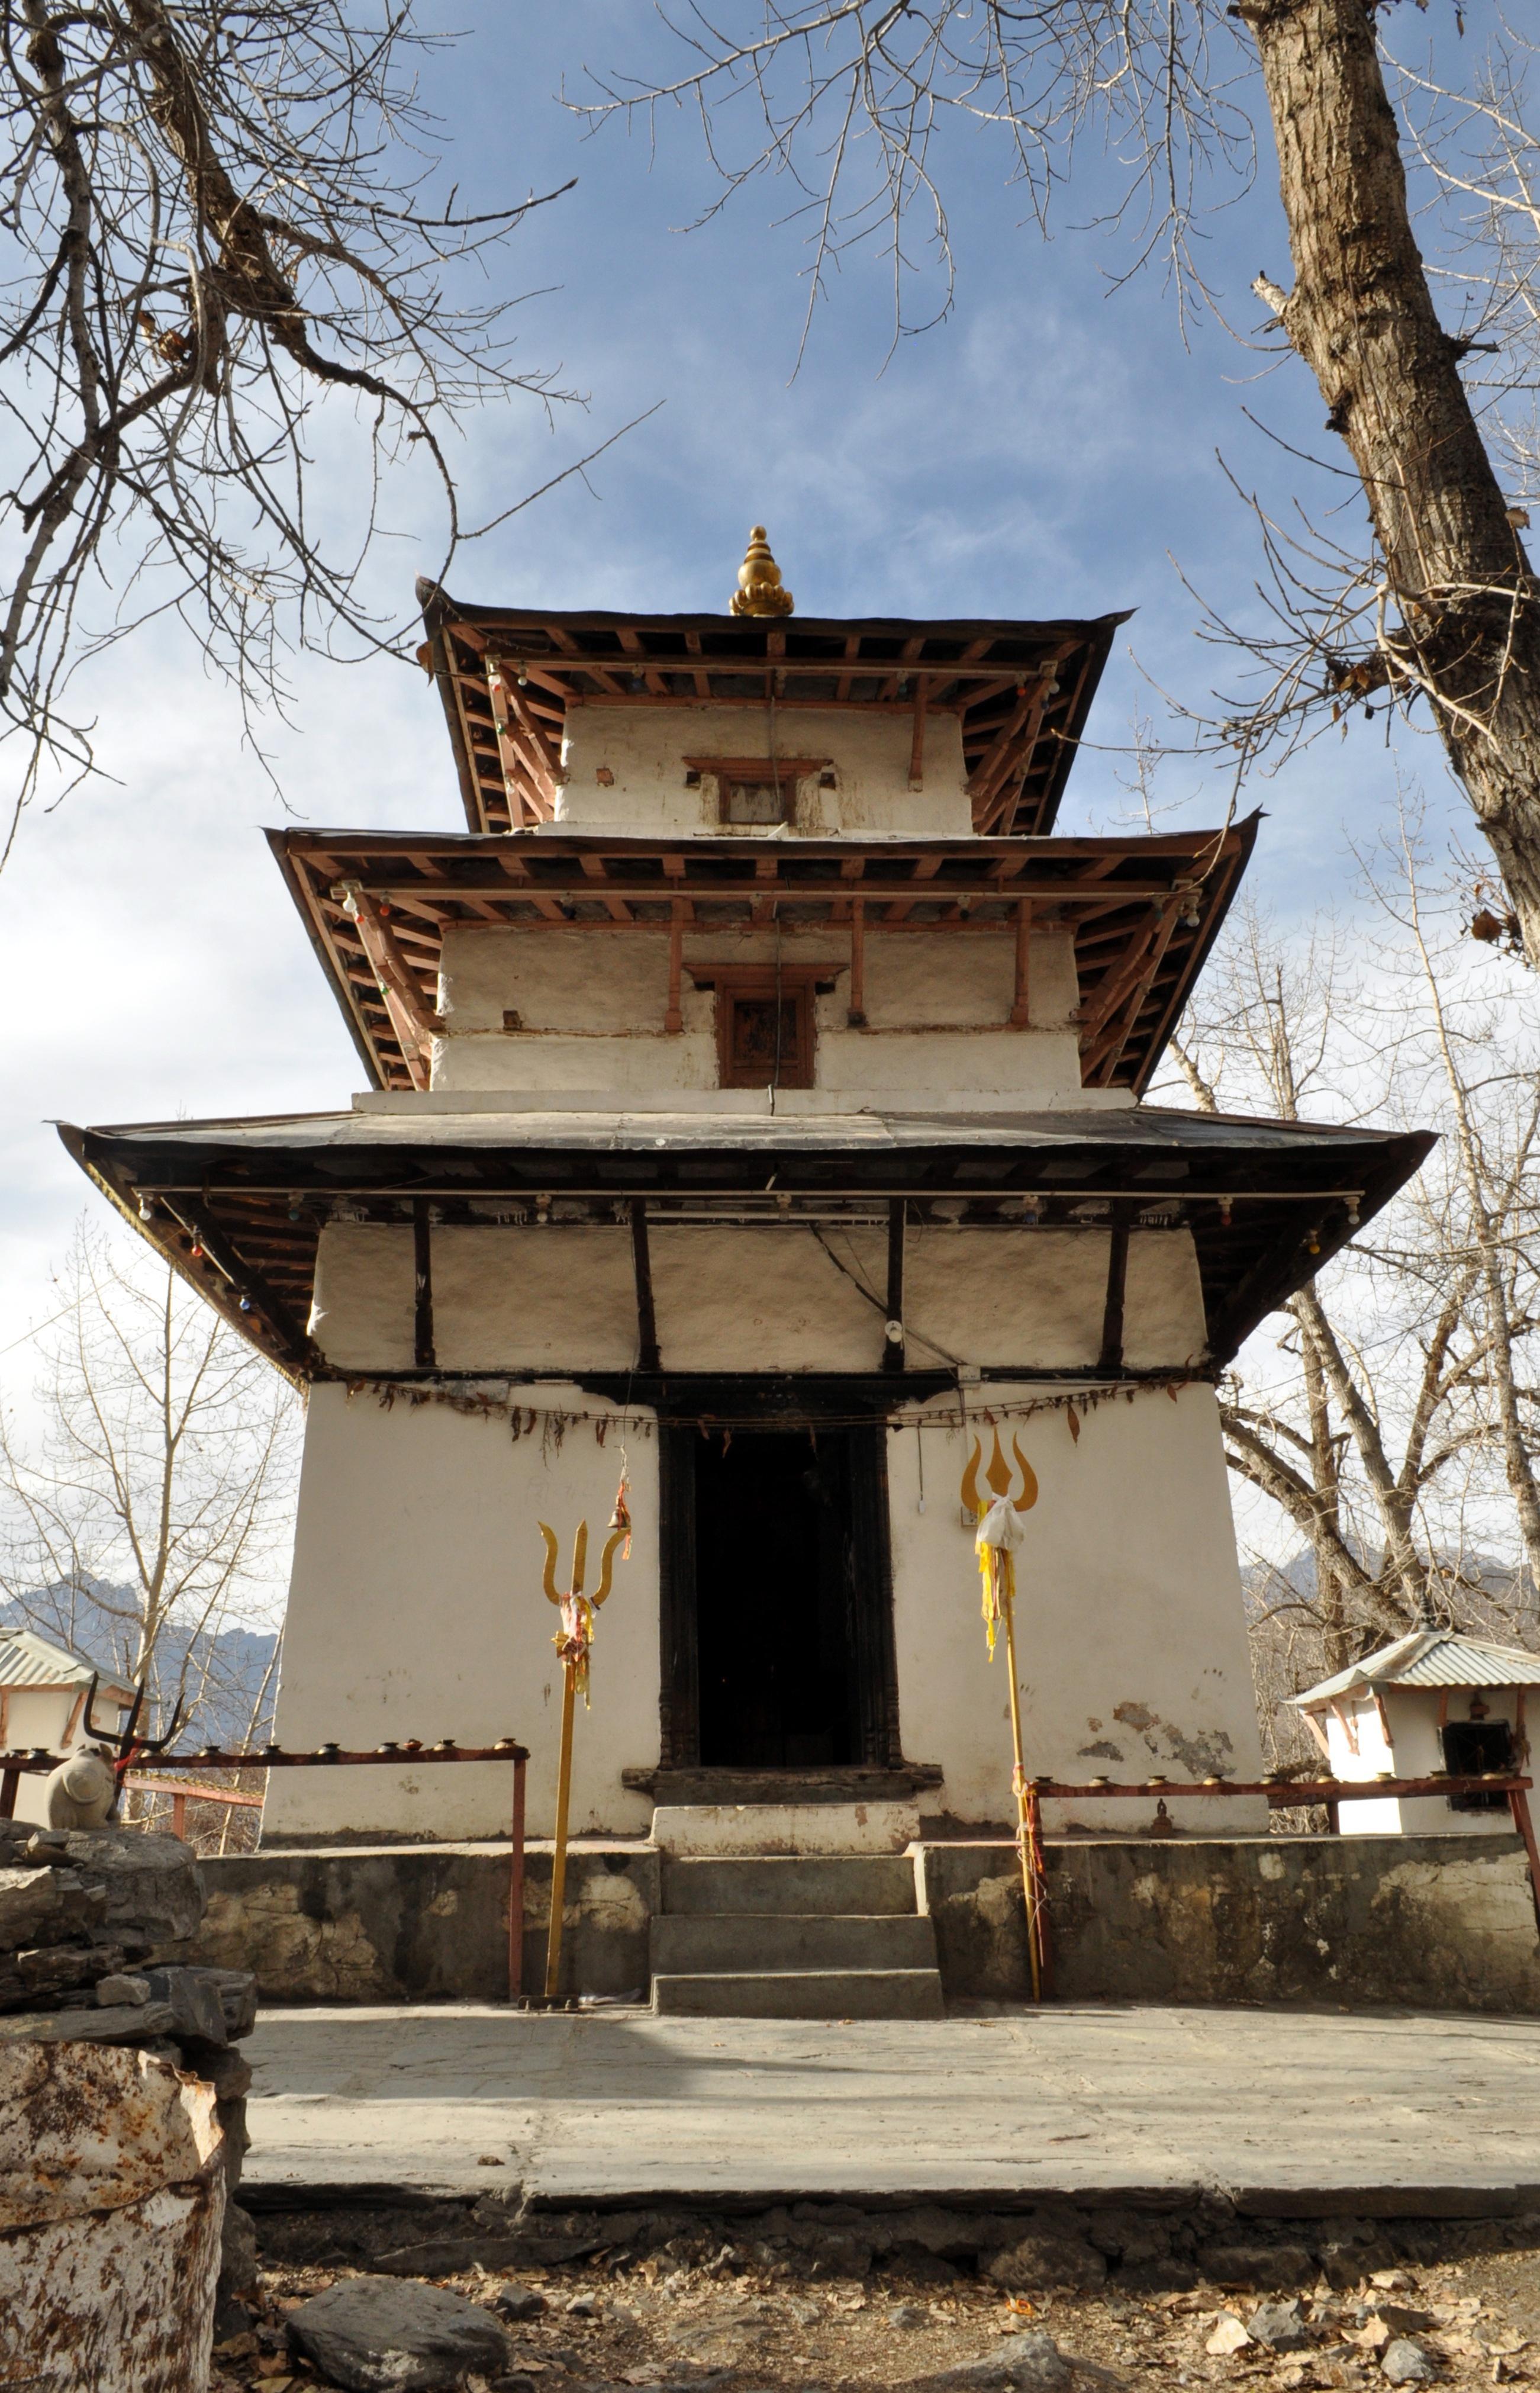 tempietto induista, con il tridente simbolo di Shiva